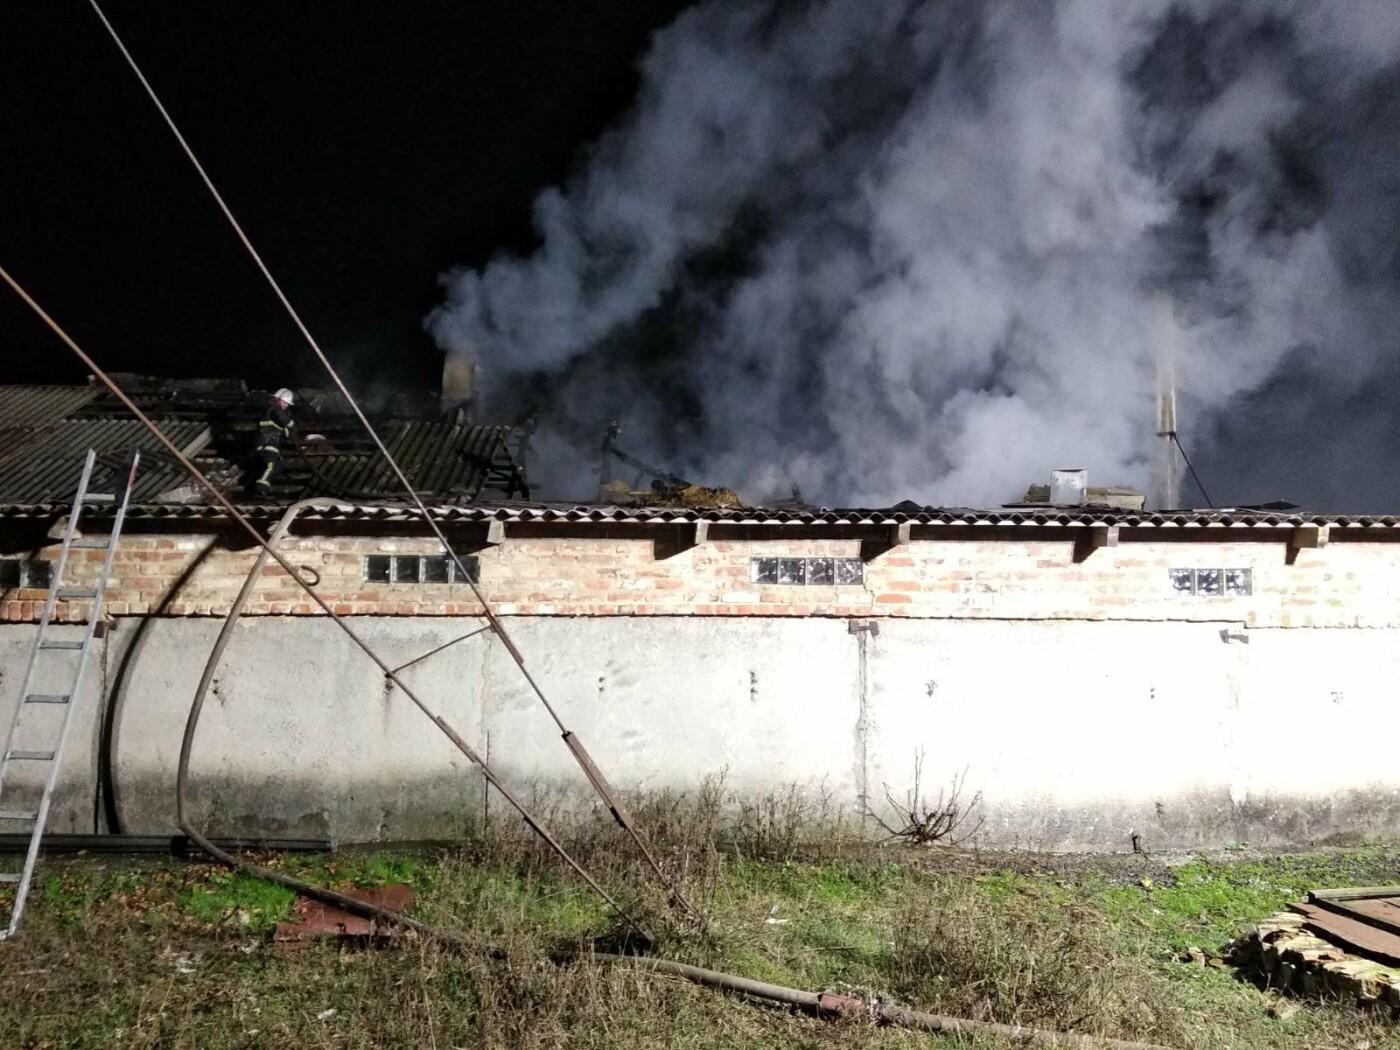 На Харьковщине бойцы ГСЧС спасли несколько десятков животных, которые едва не погибли во время пожара, - ФОТО, фото-2